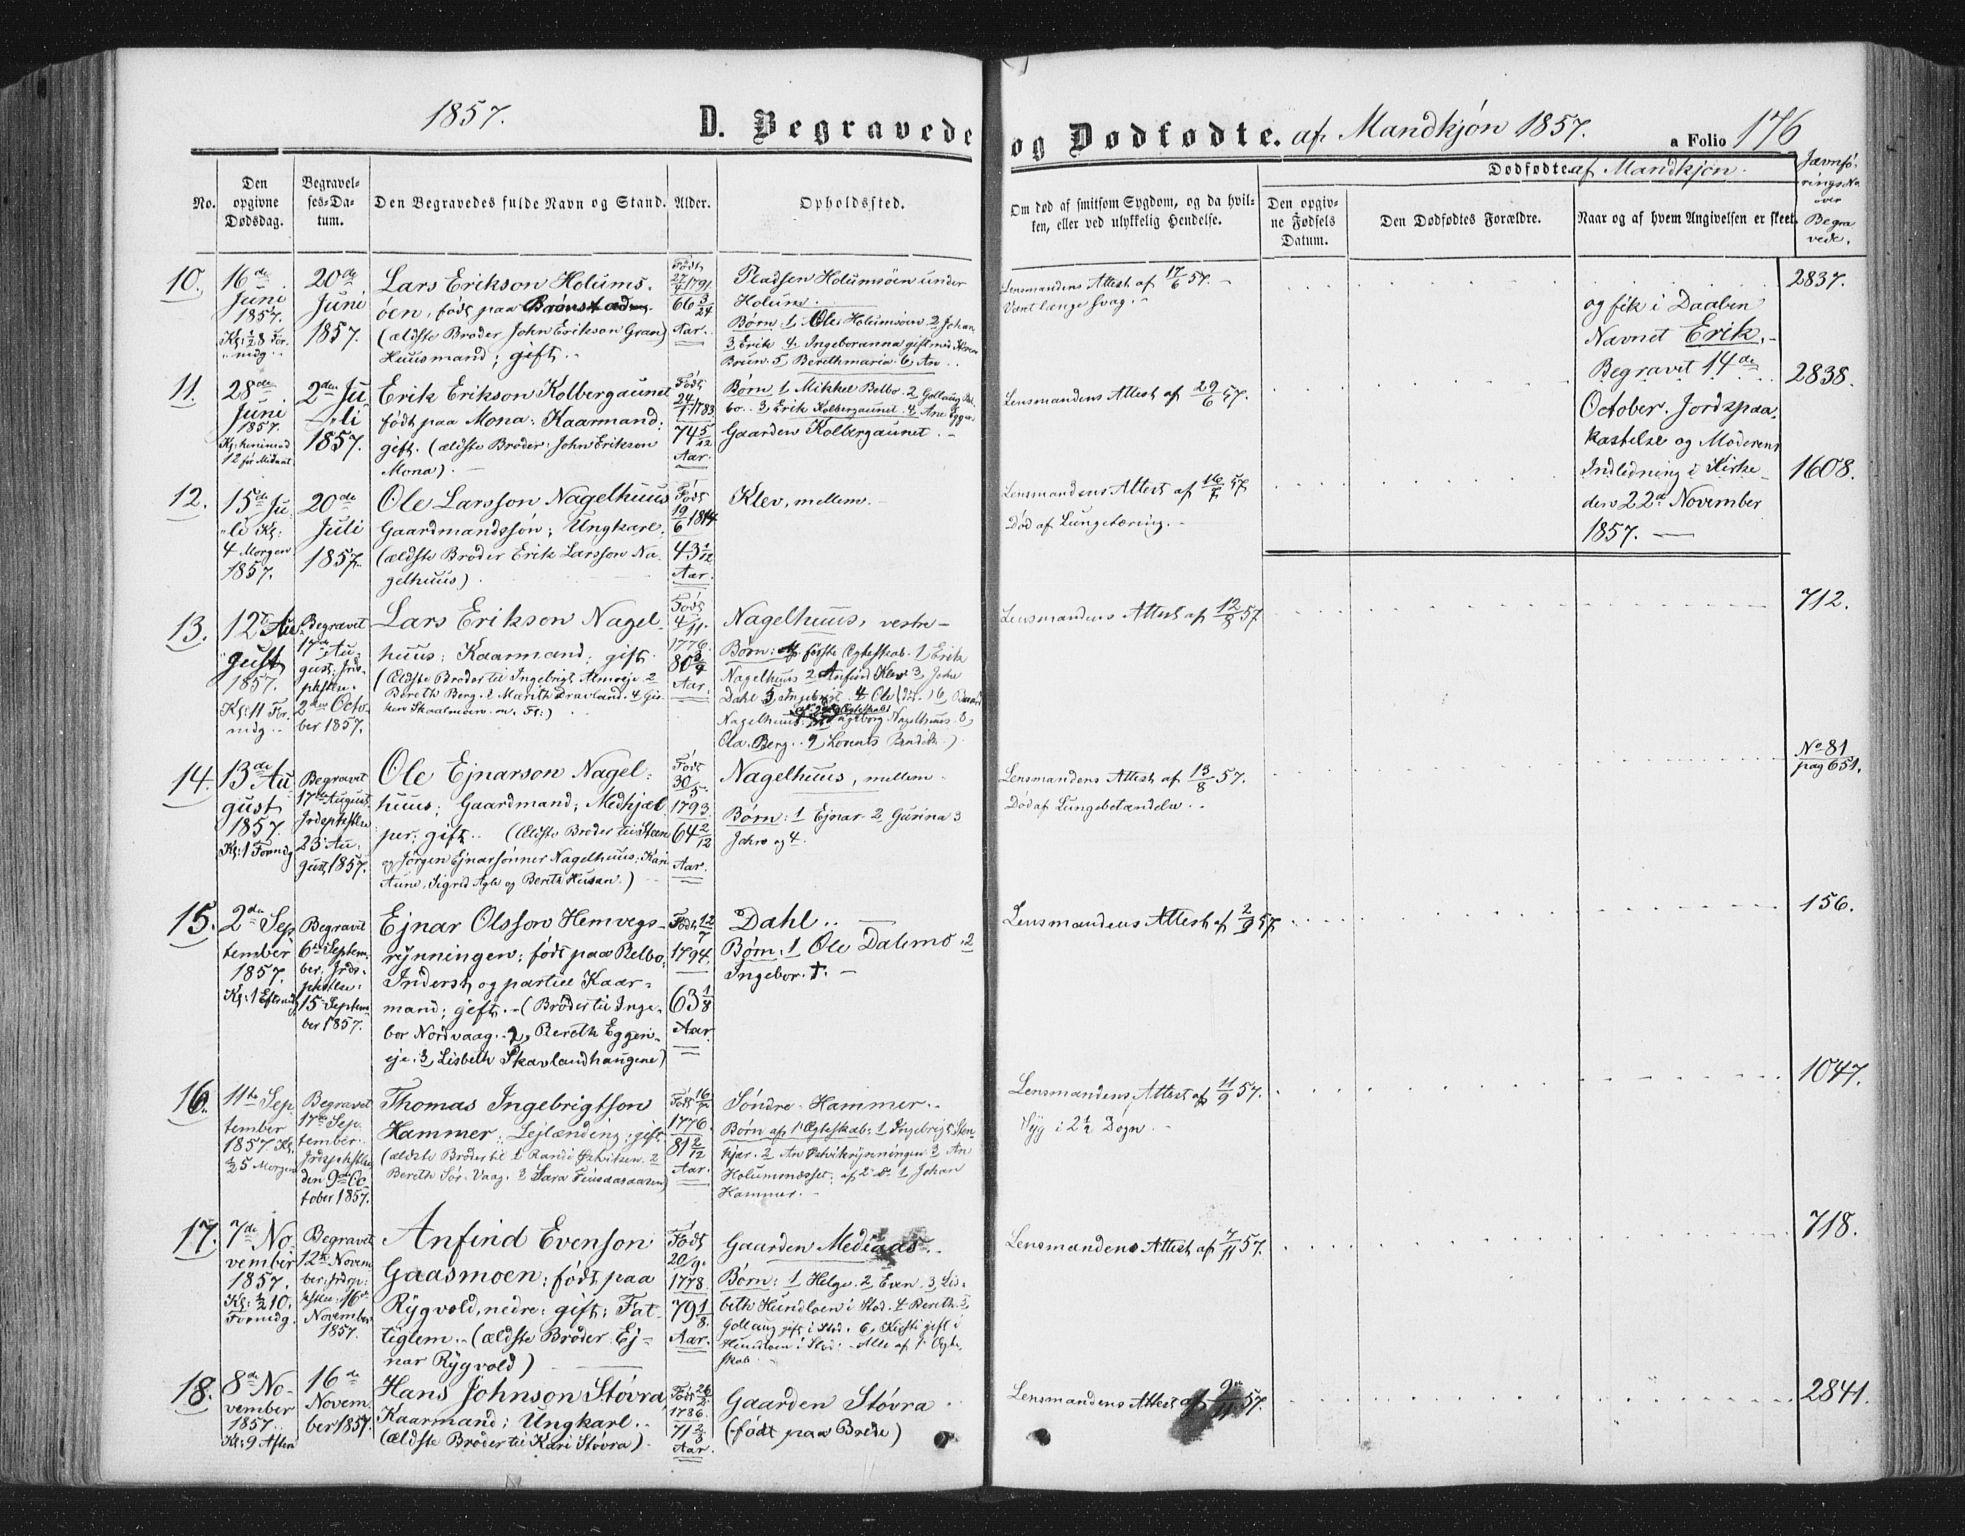 SAT, Ministerialprotokoller, klokkerbøker og fødselsregistre - Nord-Trøndelag, 749/L0472: Ministerialbok nr. 749A06, 1857-1873, s. 176